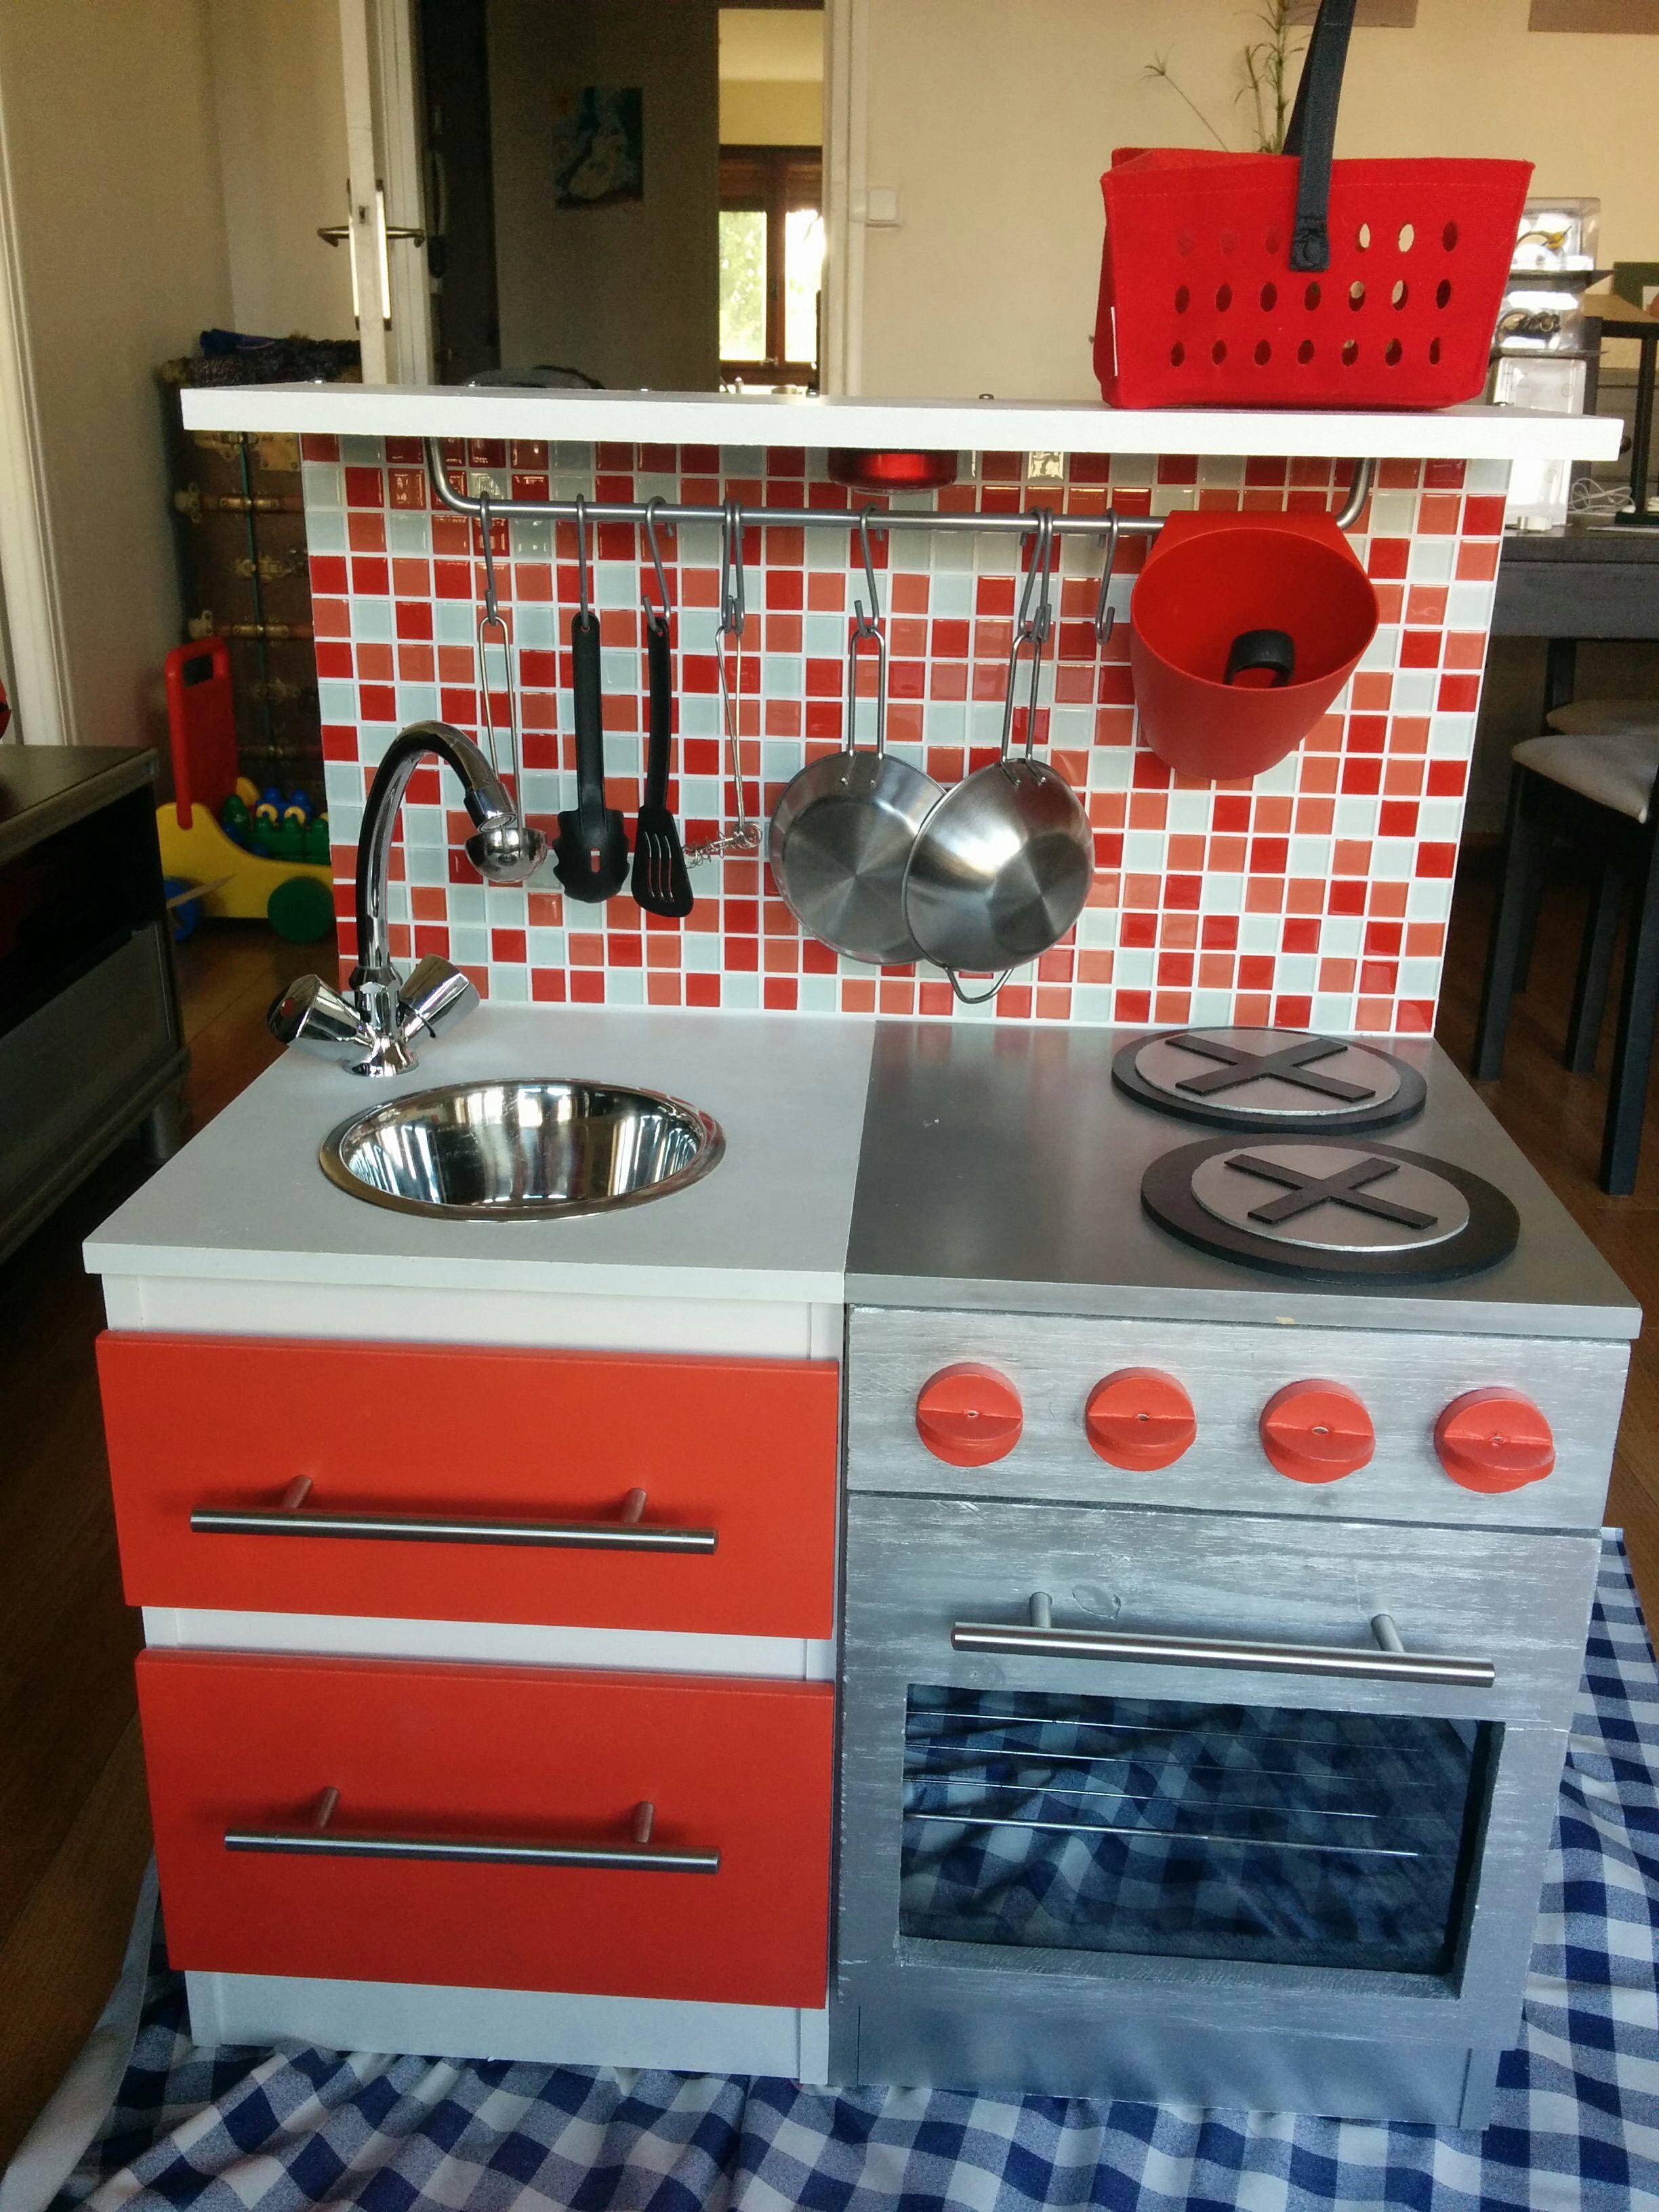 un tutoriel complet pour construire une cuisine pour enfant facilement partir de meubles ik a. Black Bedroom Furniture Sets. Home Design Ideas